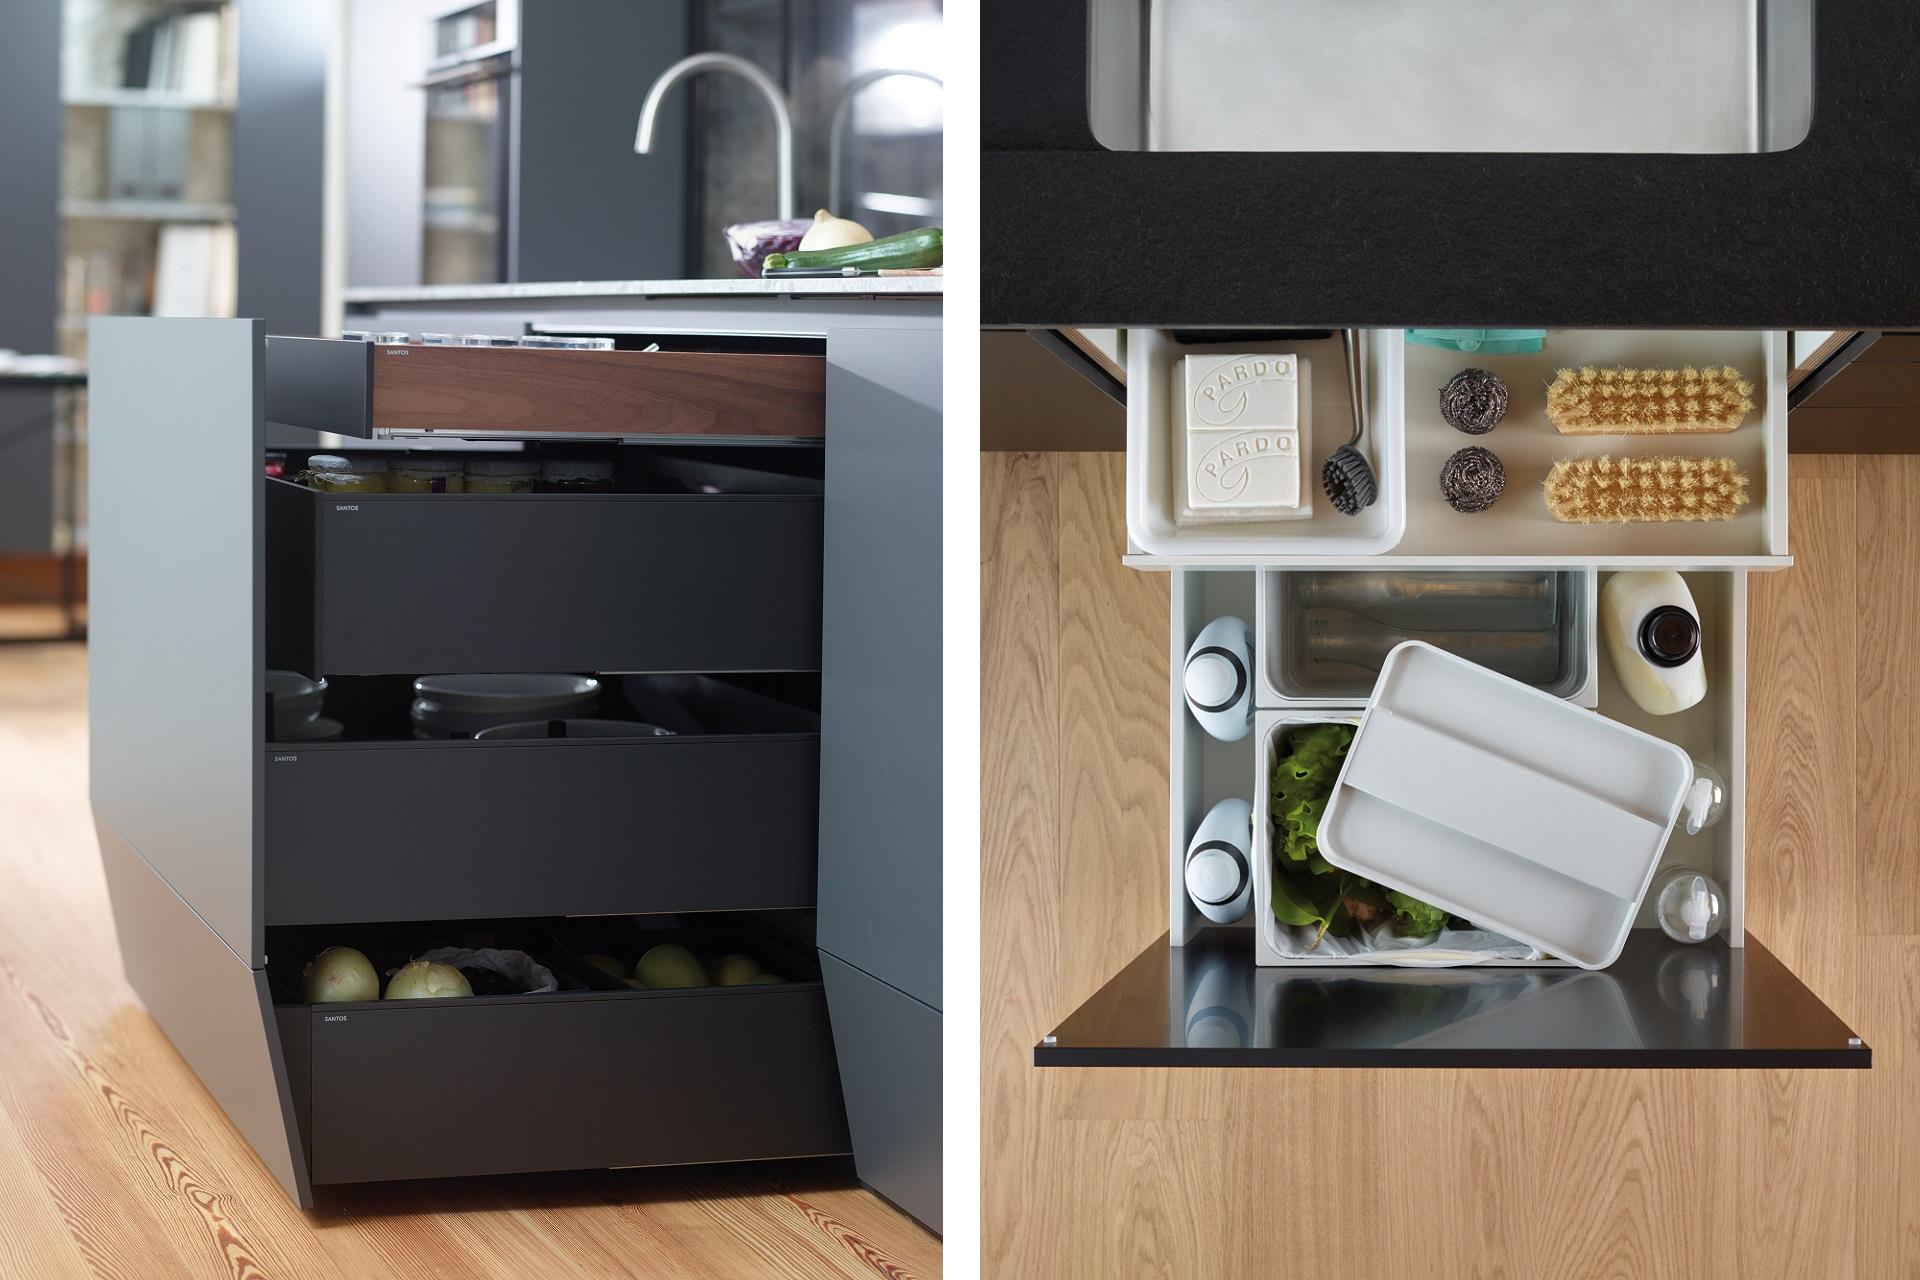 Ahorrar espacio en cocinas pequeñas